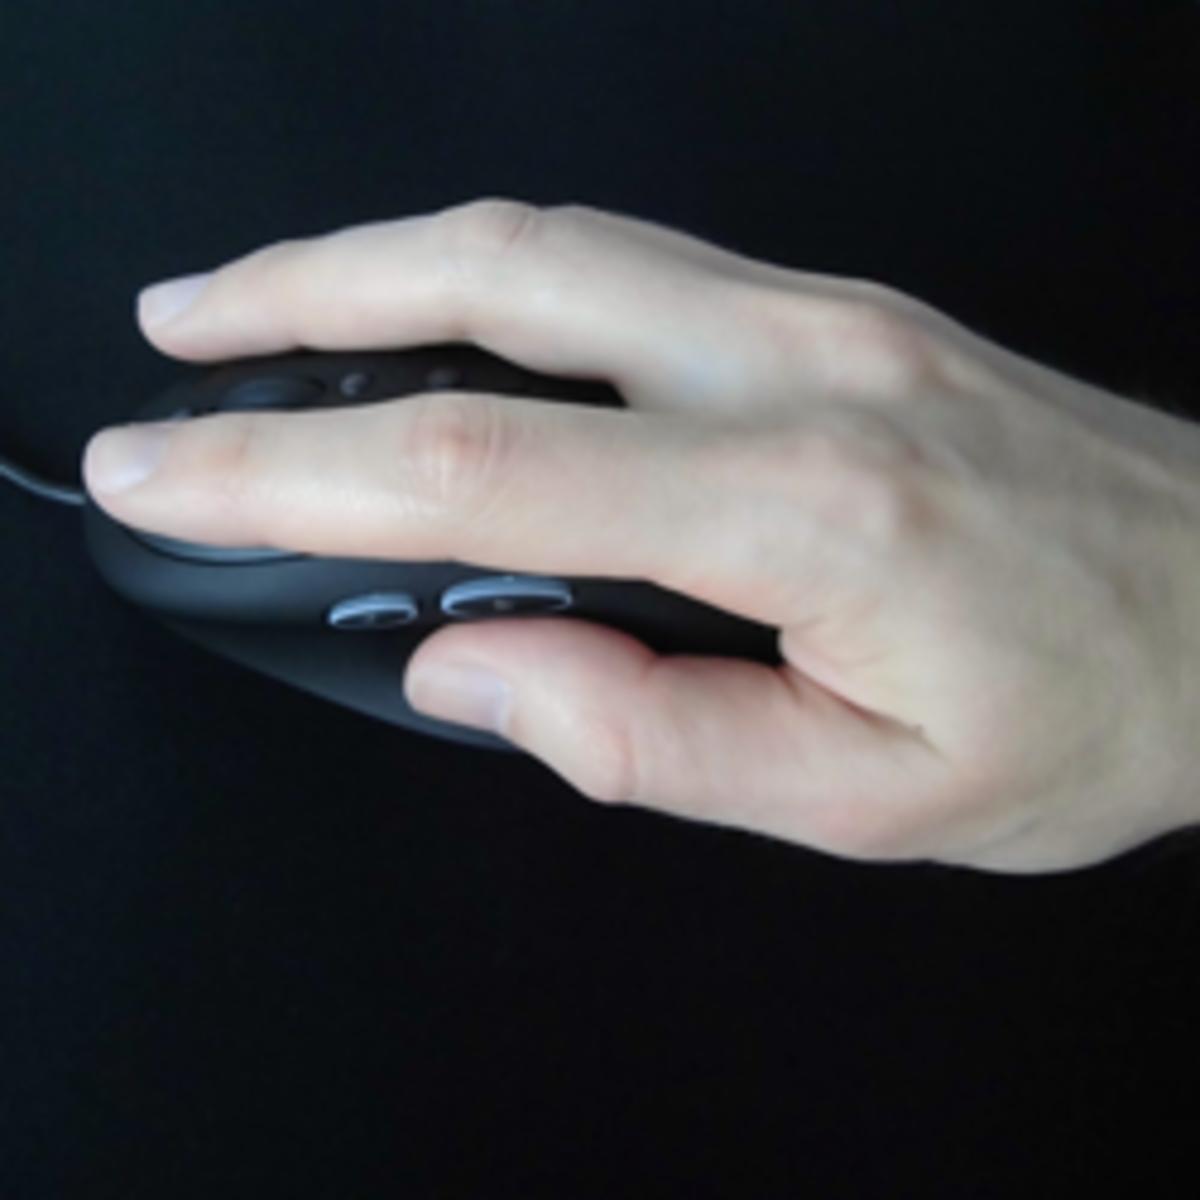 Best Palm Grip Mouse